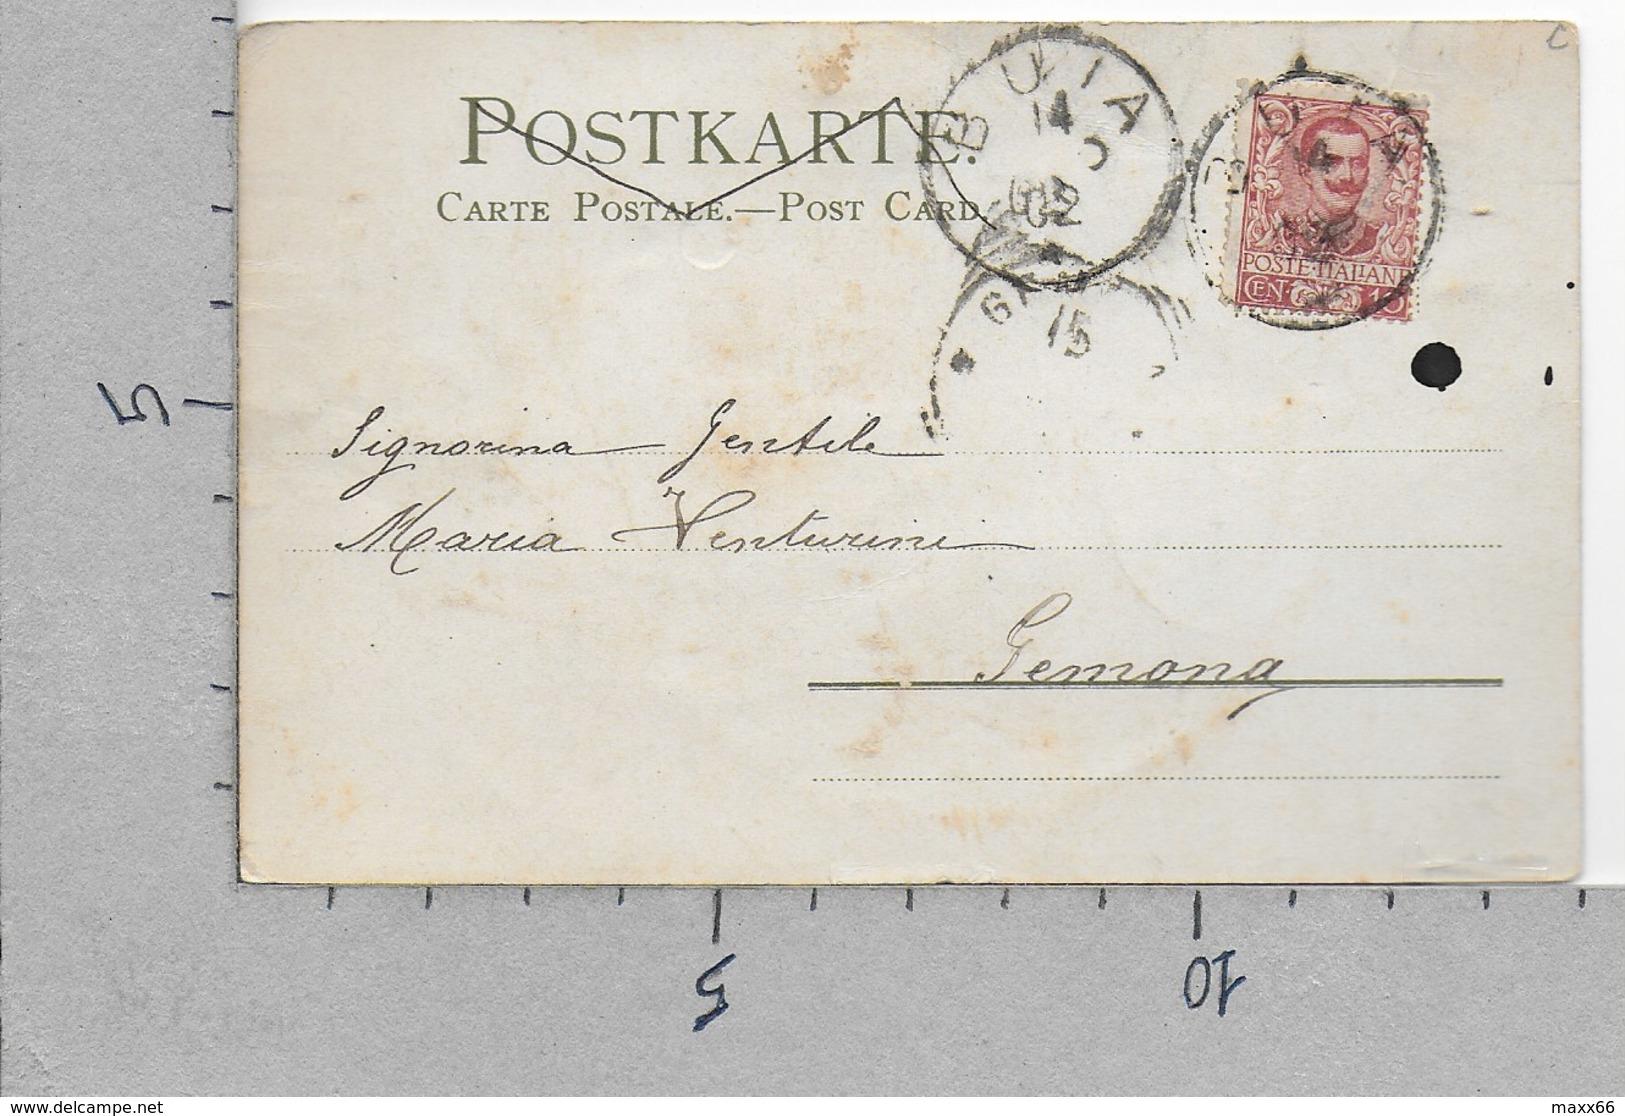 CARTOLINA VG ITALIA - Rose Selvatiche - Fiori Bianchi - WINKLER & SCHORN - 9 X 14 - ANN. 1902 BUIA GEMONA - Fleurs